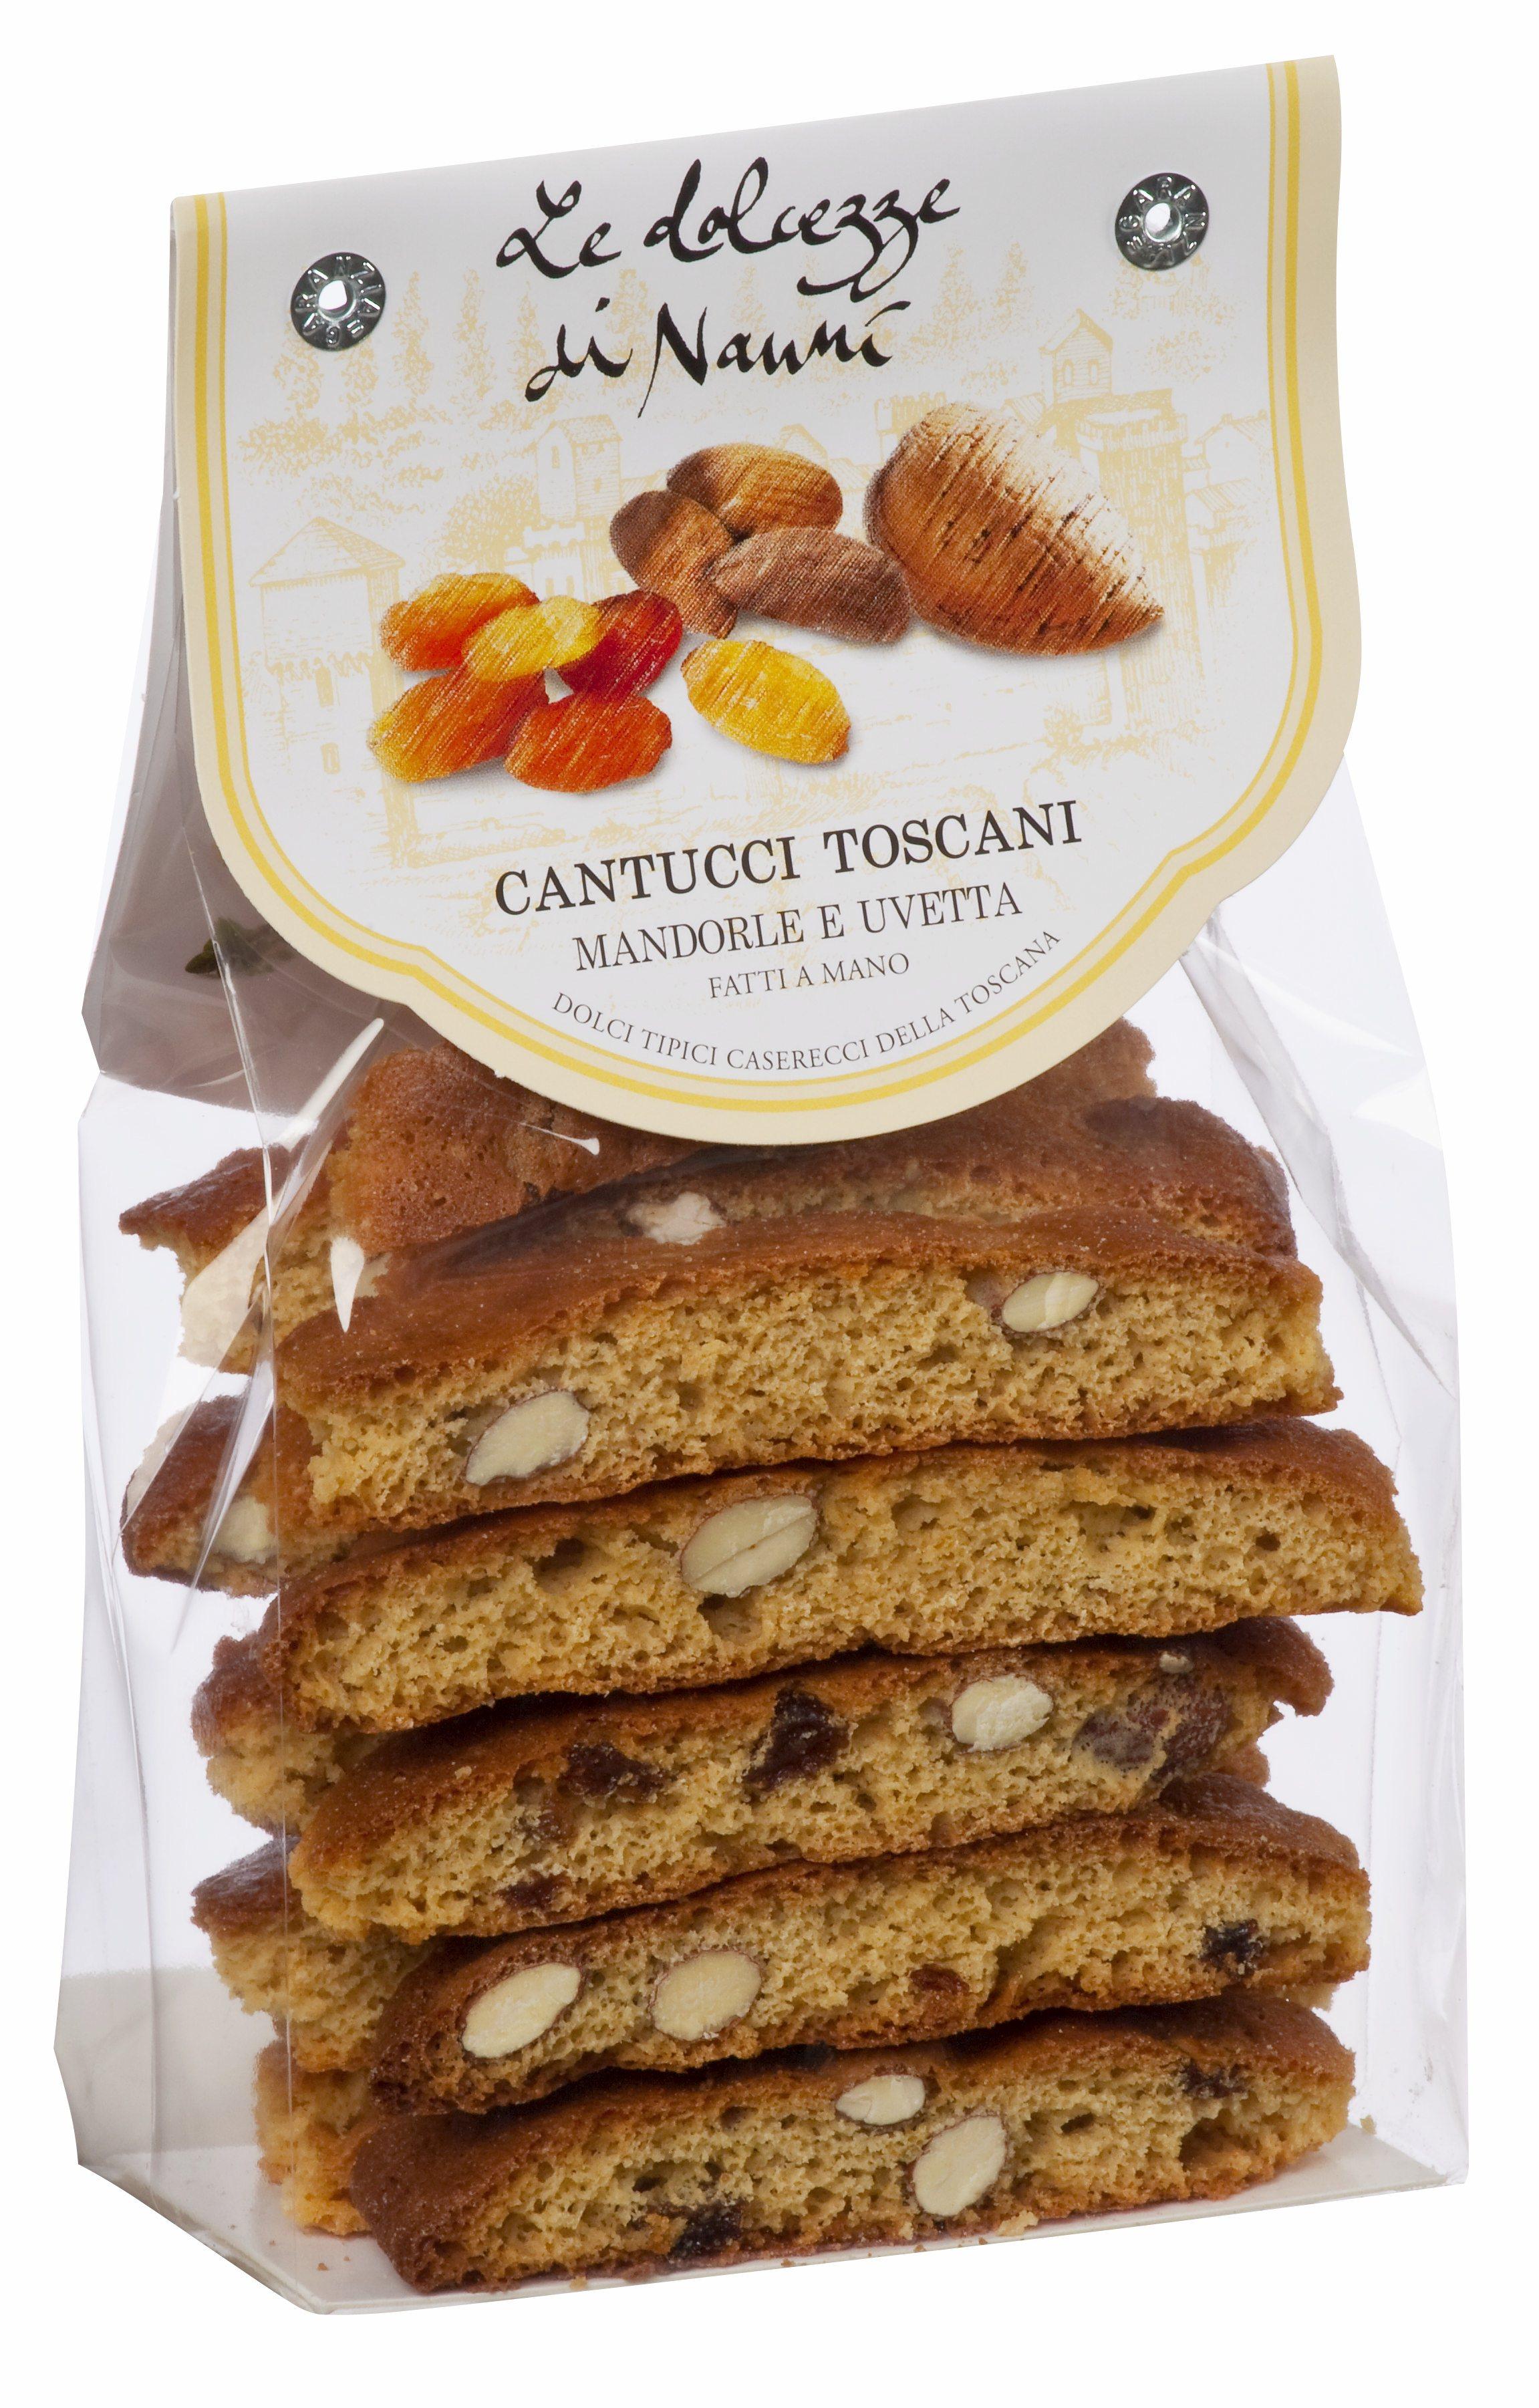 Cantucci con mandorle e uvetta, 262 Le dolcezze di Nanni 200 g Beutel